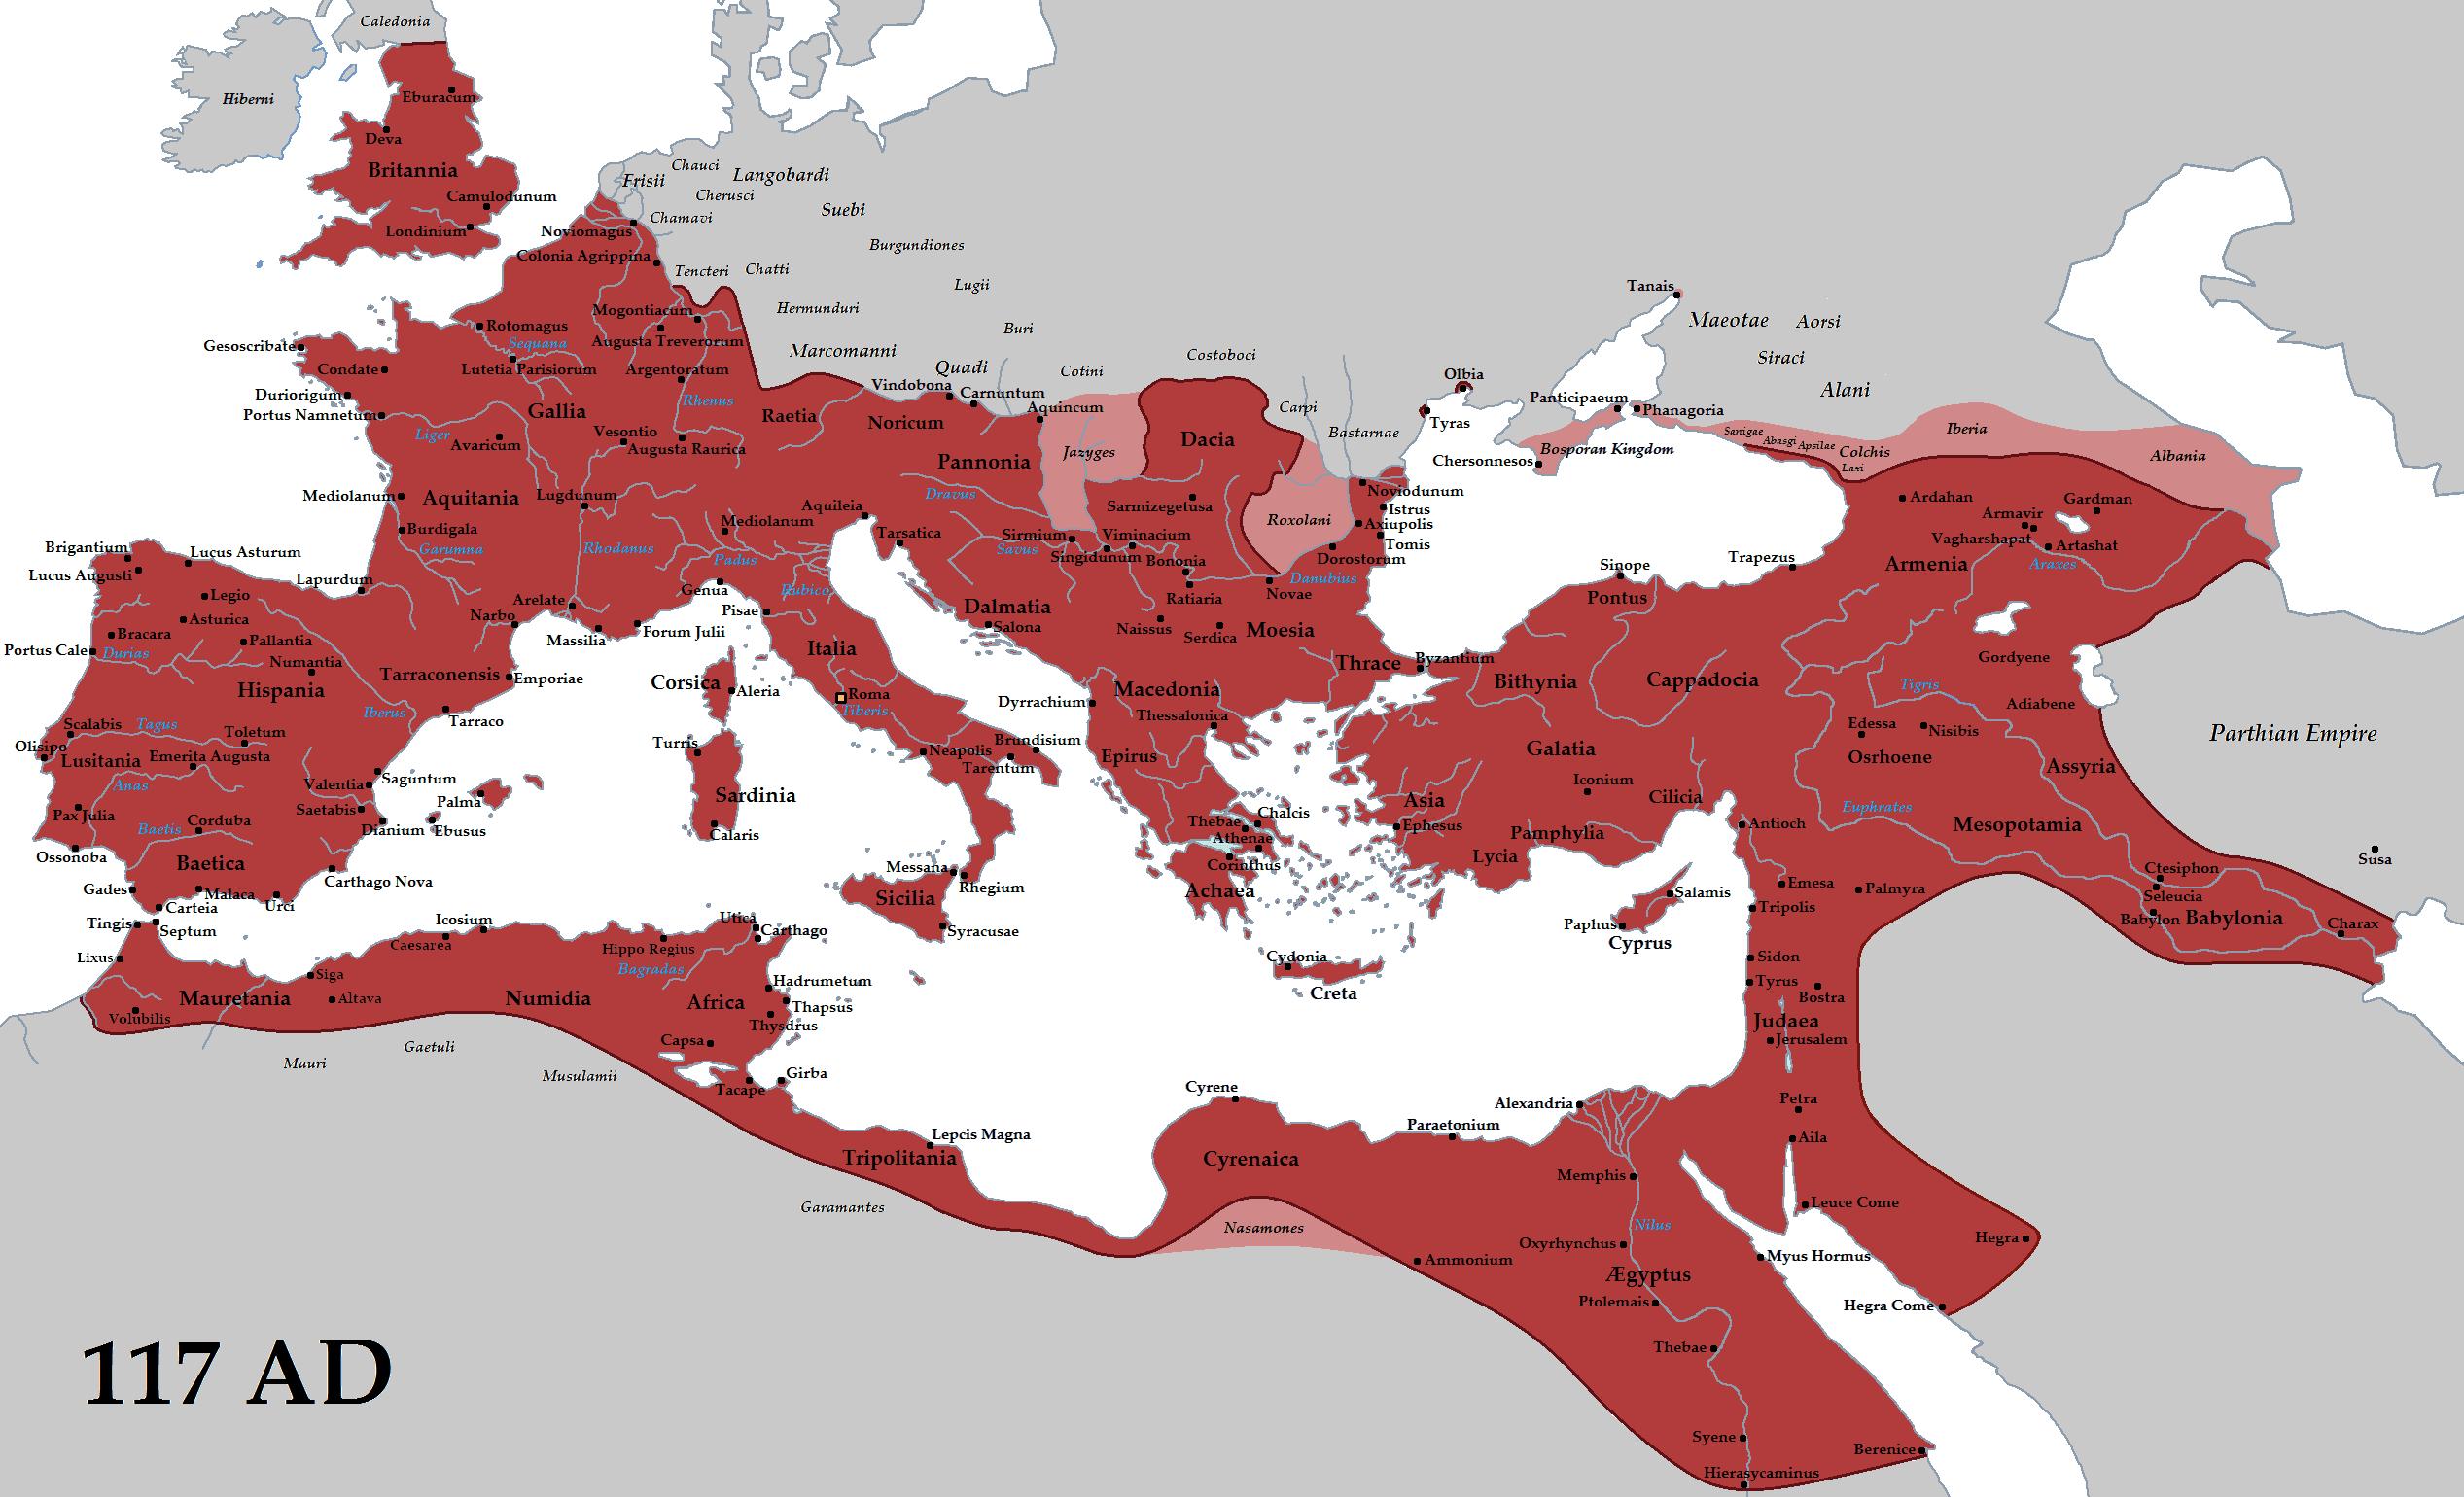 La culture générale - carte empereur romain